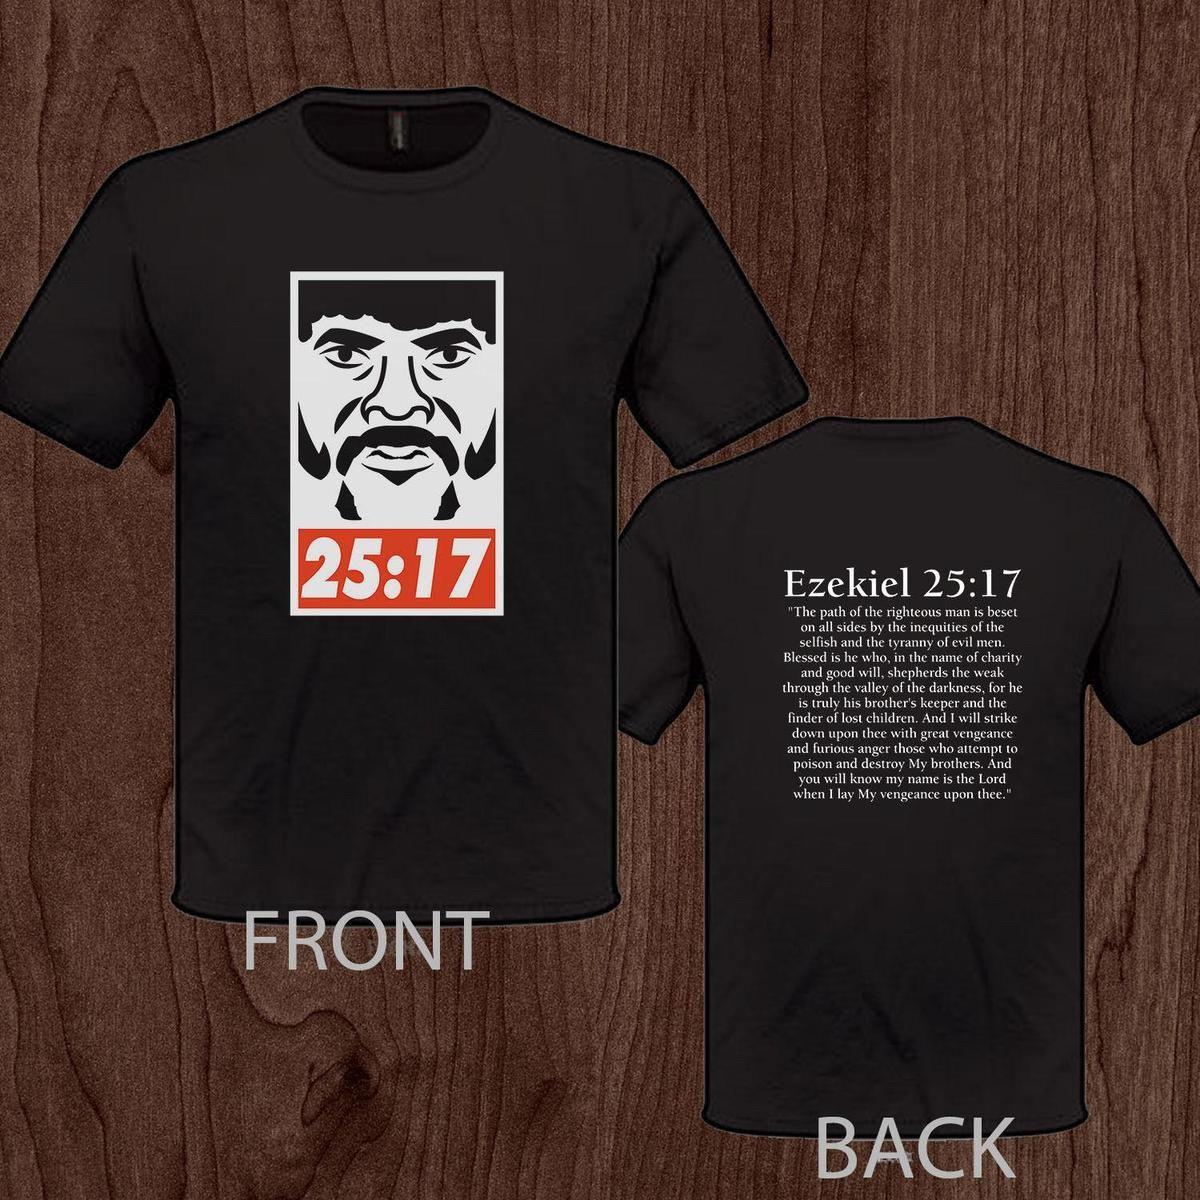 ddb8fe15 Obey Samuel L Jackson Pulp Fiction Ezekiel 25 17 Tee S M L XL 2XL 3XL T  Shirt T Shirt Creator Tee Shirt Design From Amesion03ljl, $12.08  DHgate.Com